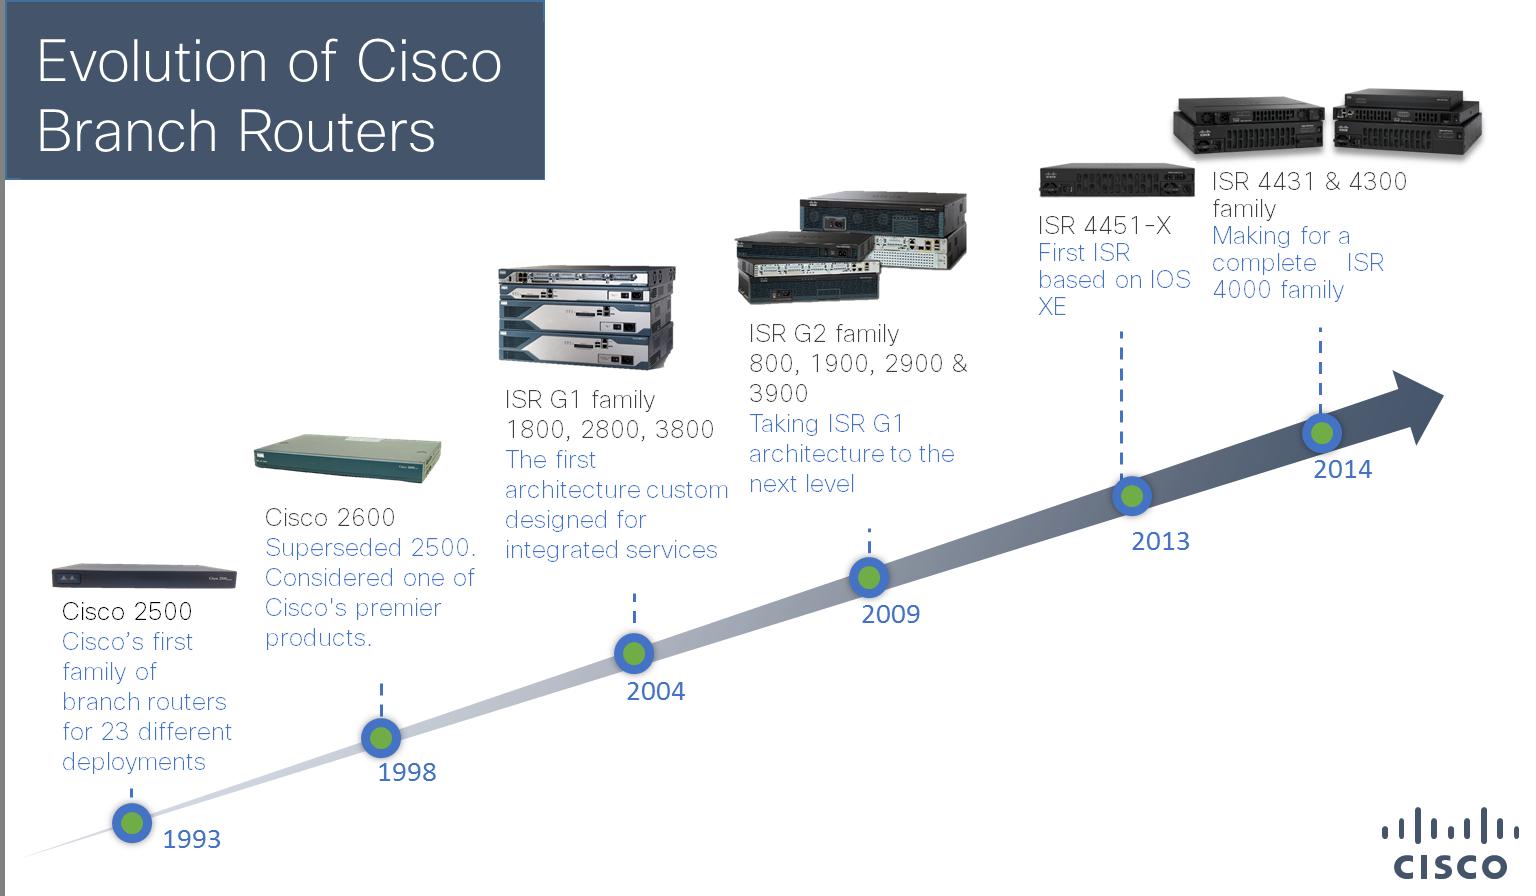 انواع روتر (Router) سیسکو